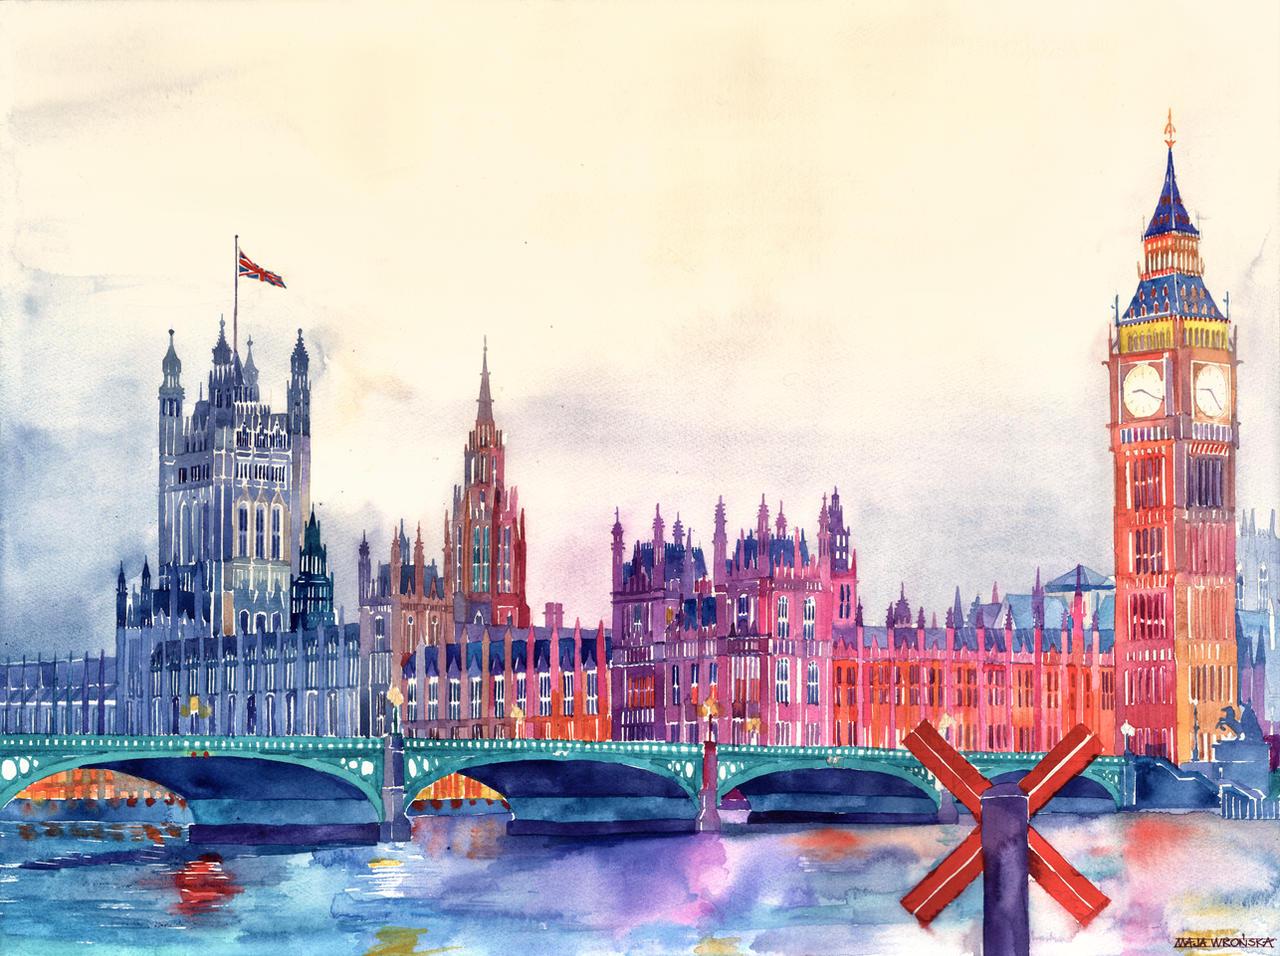 Sunset in London by takmaj